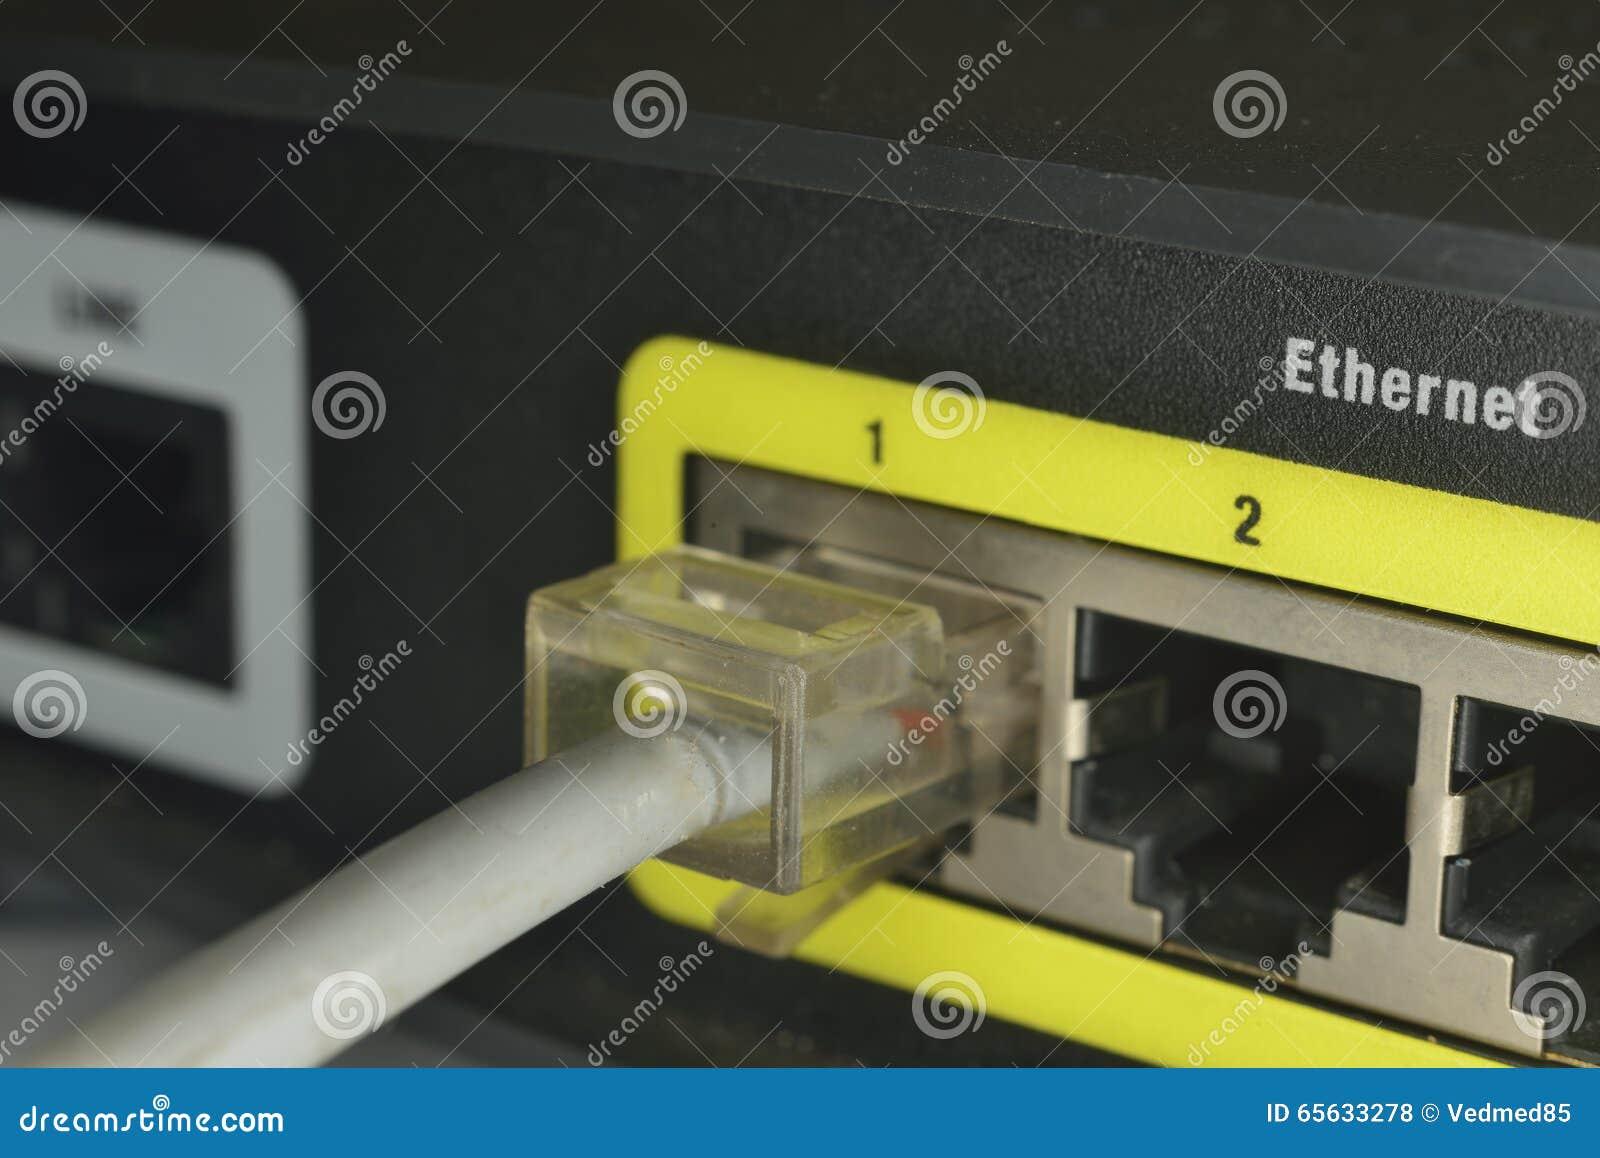 Relier un ordinateur au routeur